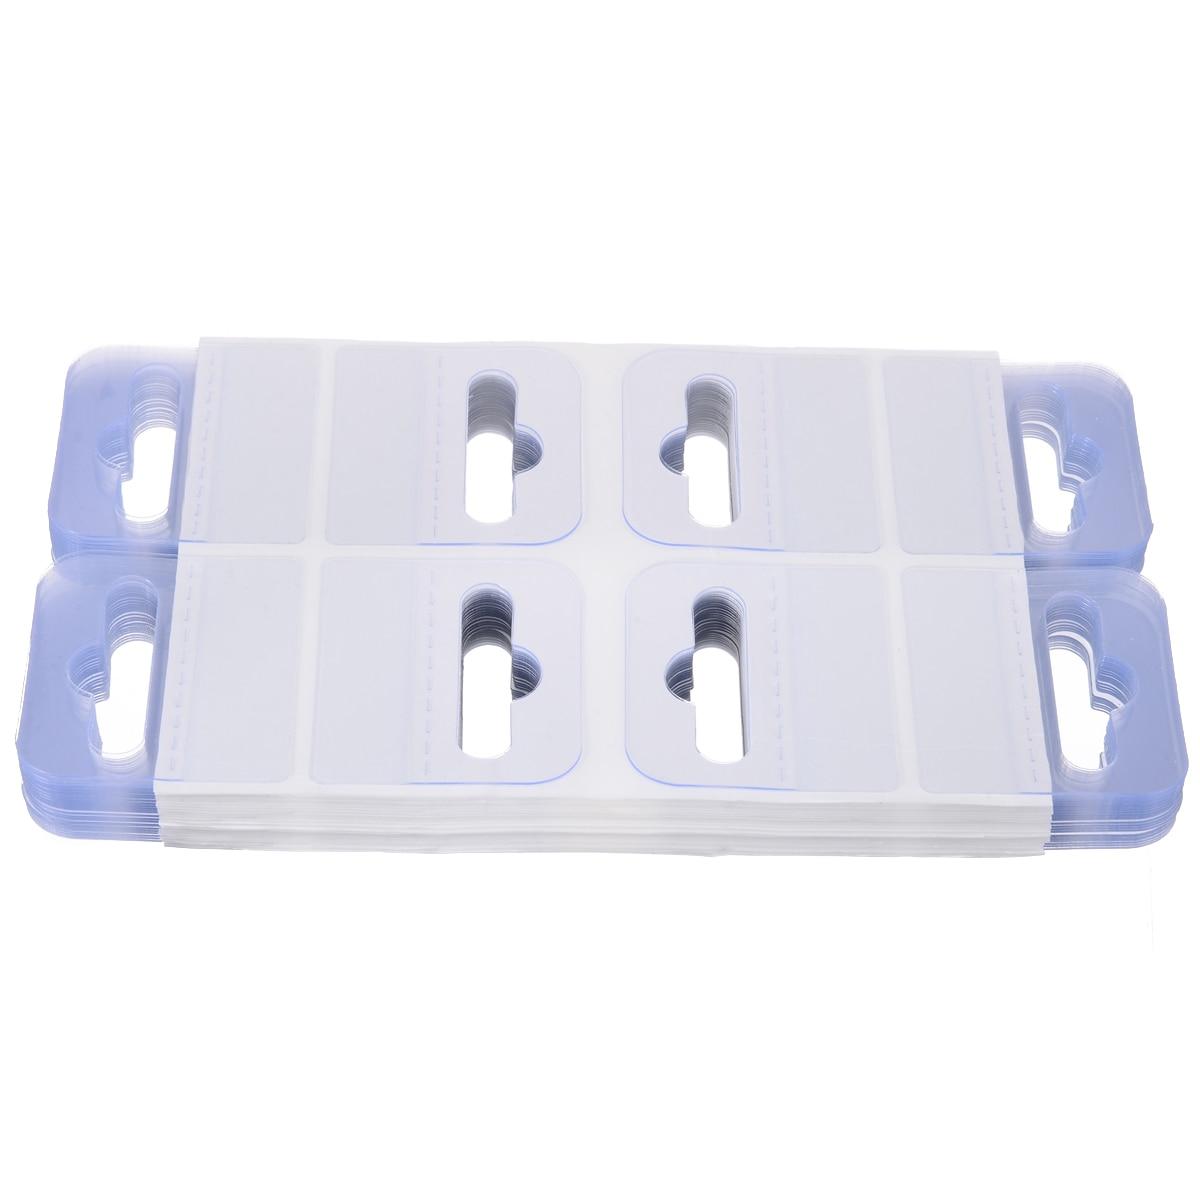 200Pcs PVC Slot Hole Adhesive Hang Tabs Tag Hook Set For Store Retail Display US